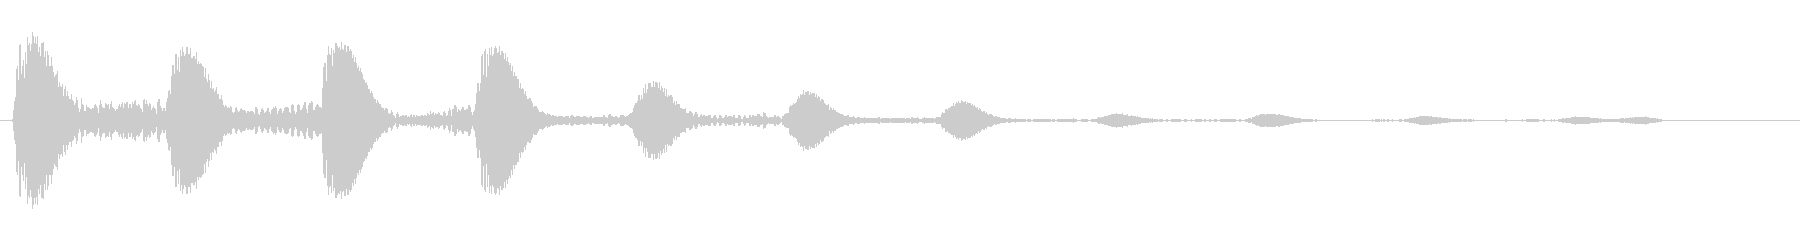 ポポポポ(高音から低く)の未再生の波形